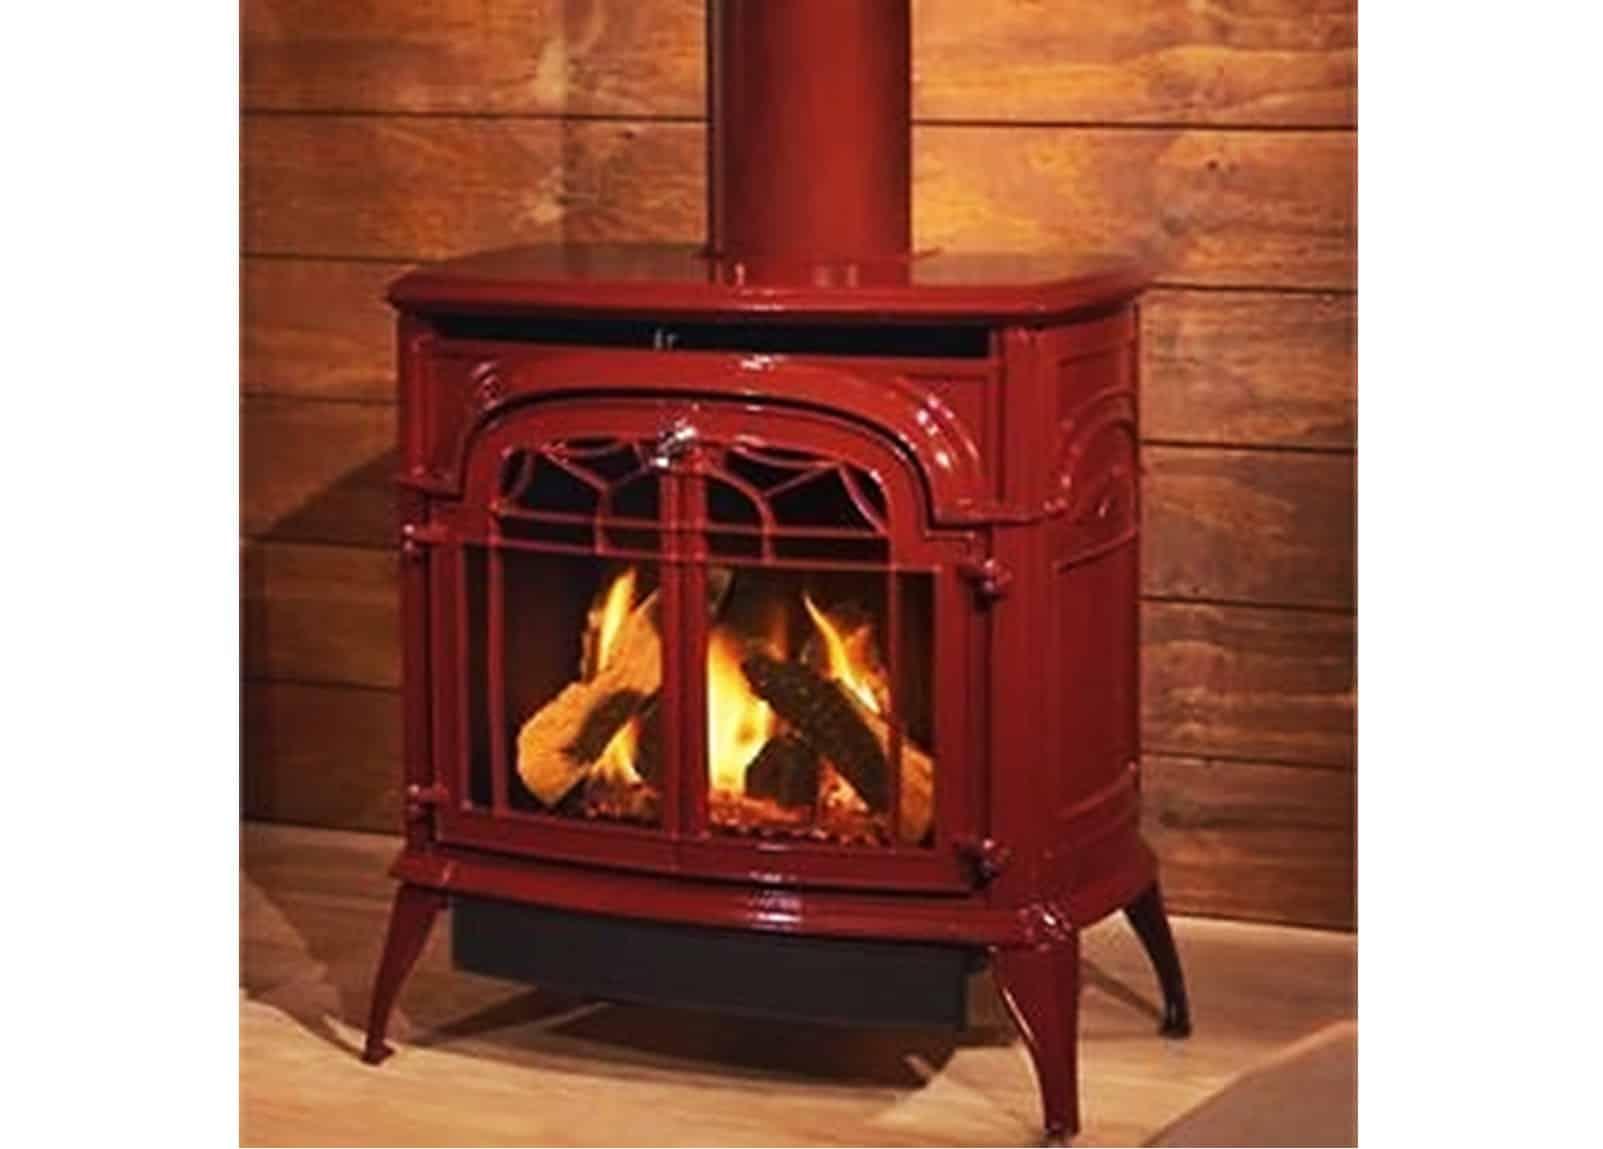 תנורי גז לחימום ביתי